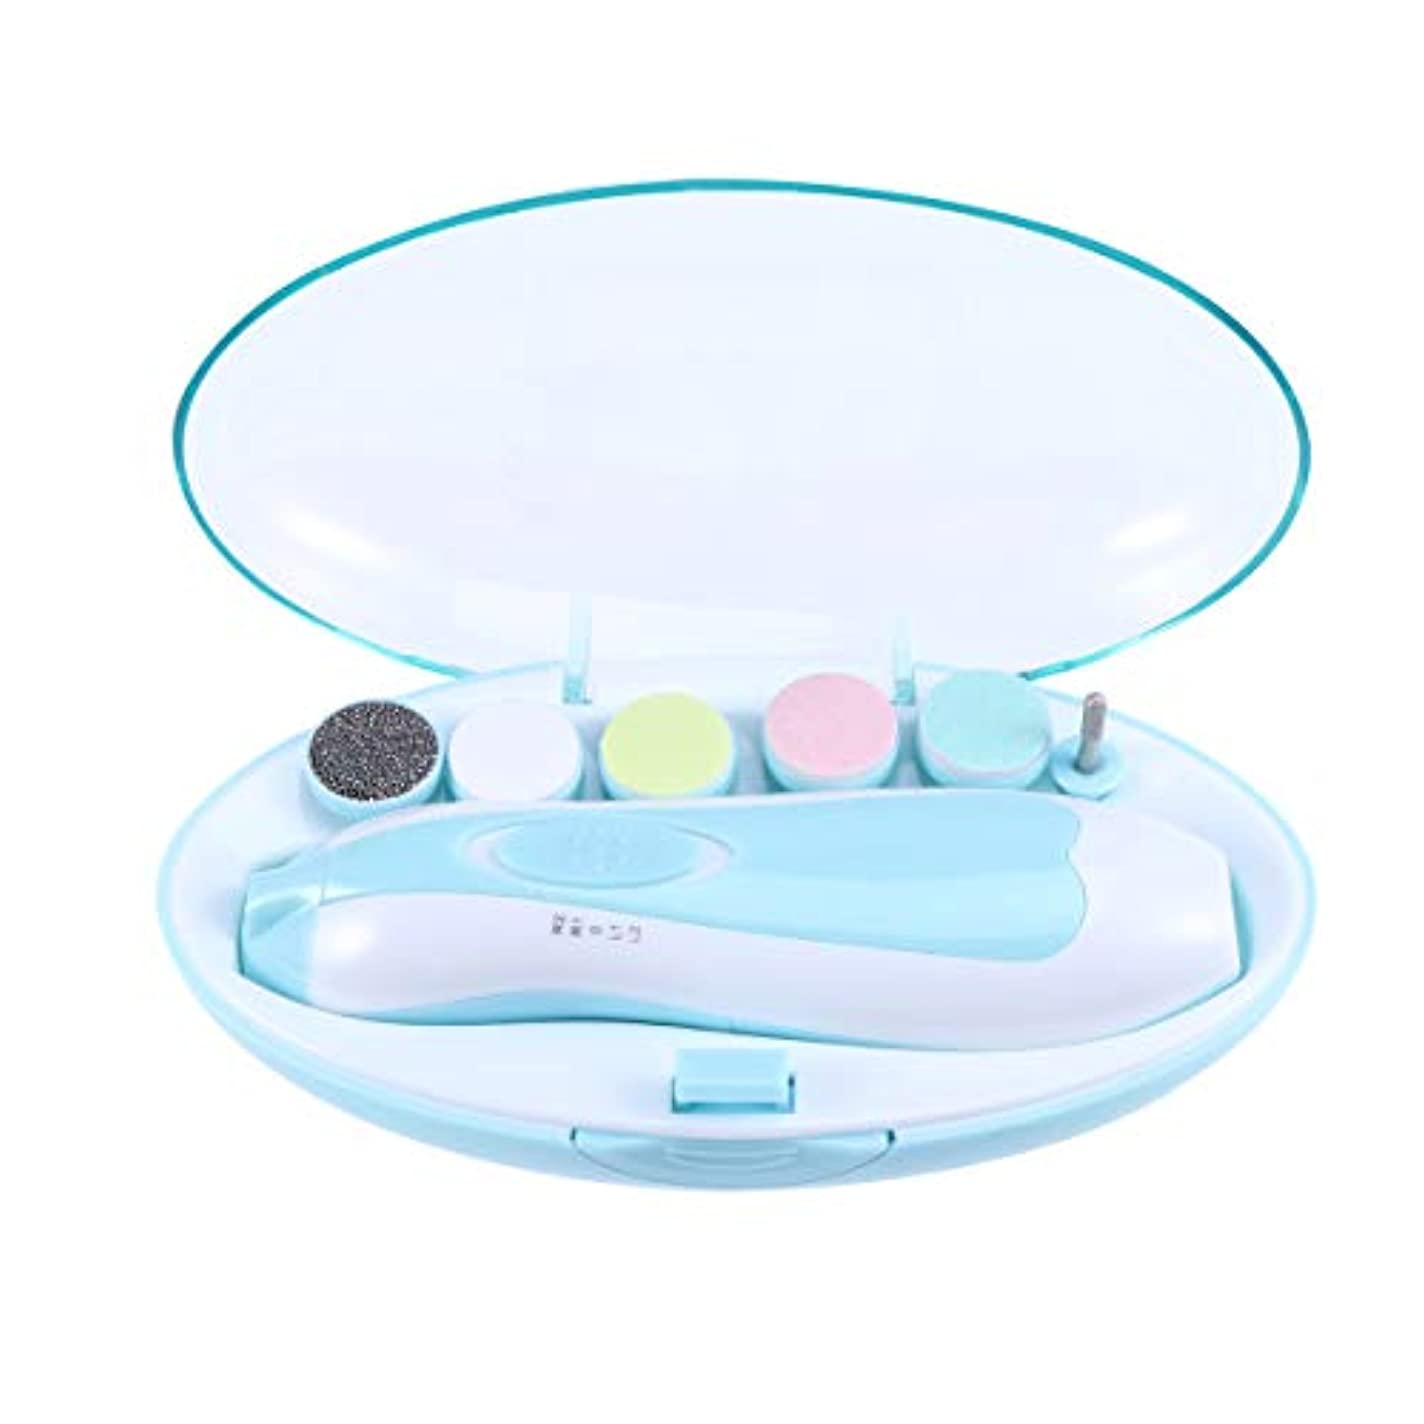 リファイン脳信頼SUPVOX 赤ん坊の釘ファイル電気赤ん坊の釘のトリマーの幼児/幼児/子供のための多機能のネイルポリッシャー